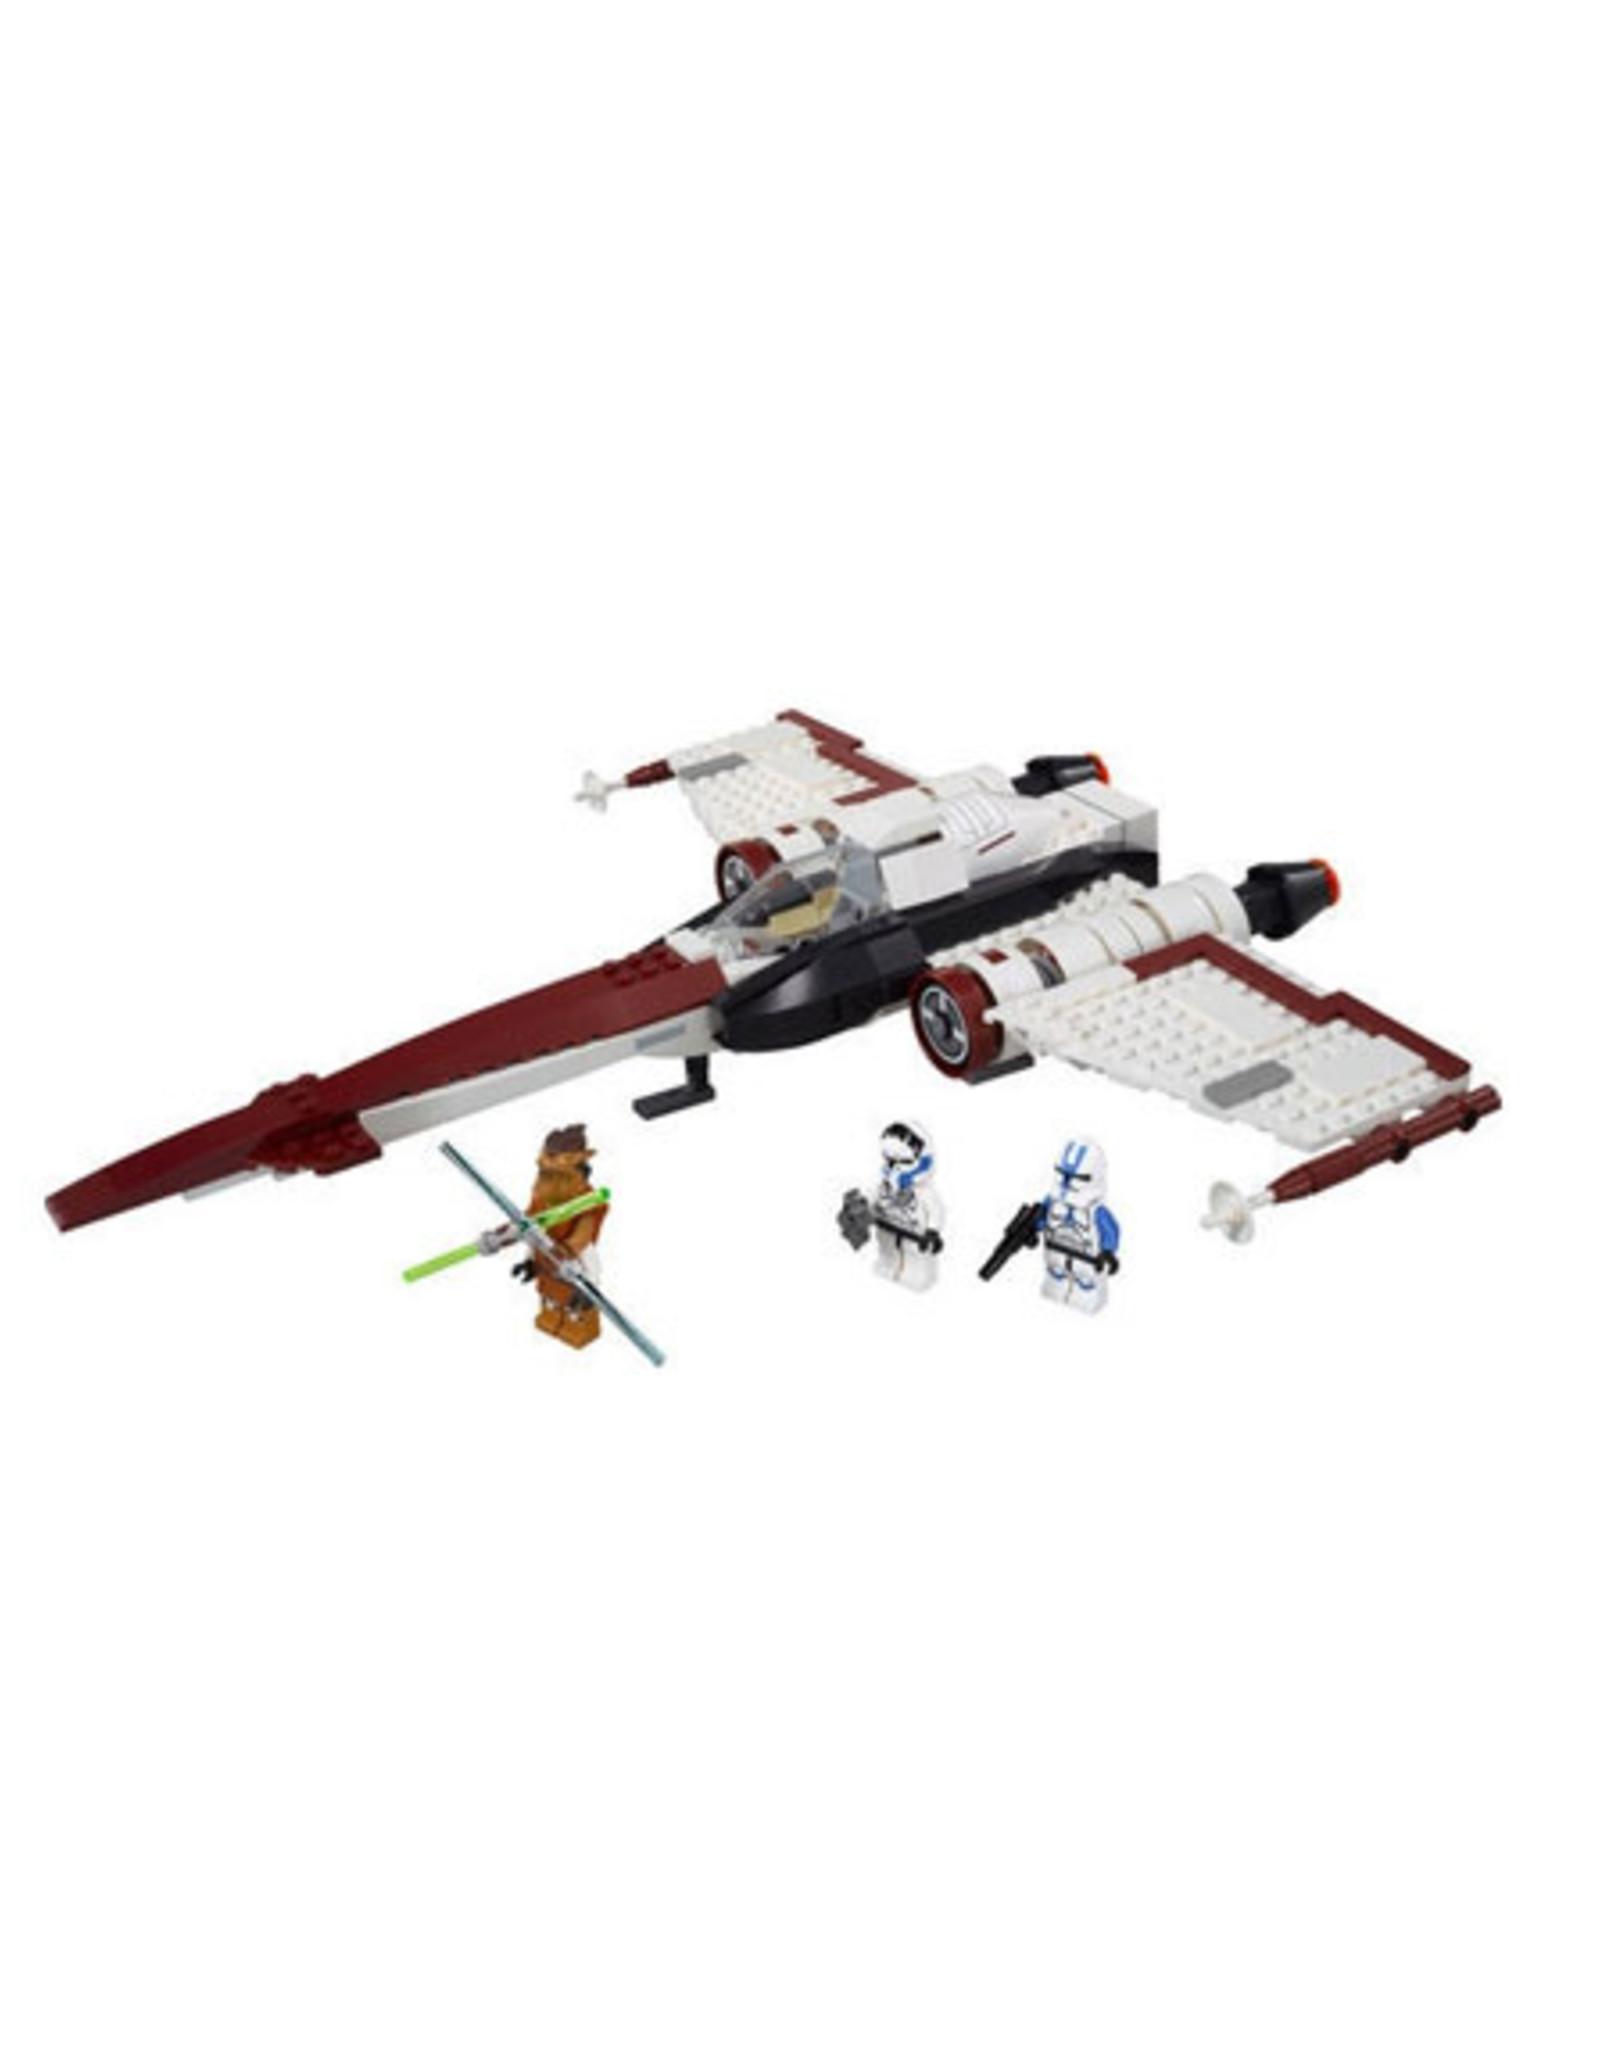 LEGO LEGO 75004 Z-95 Headhunter STAR WARS